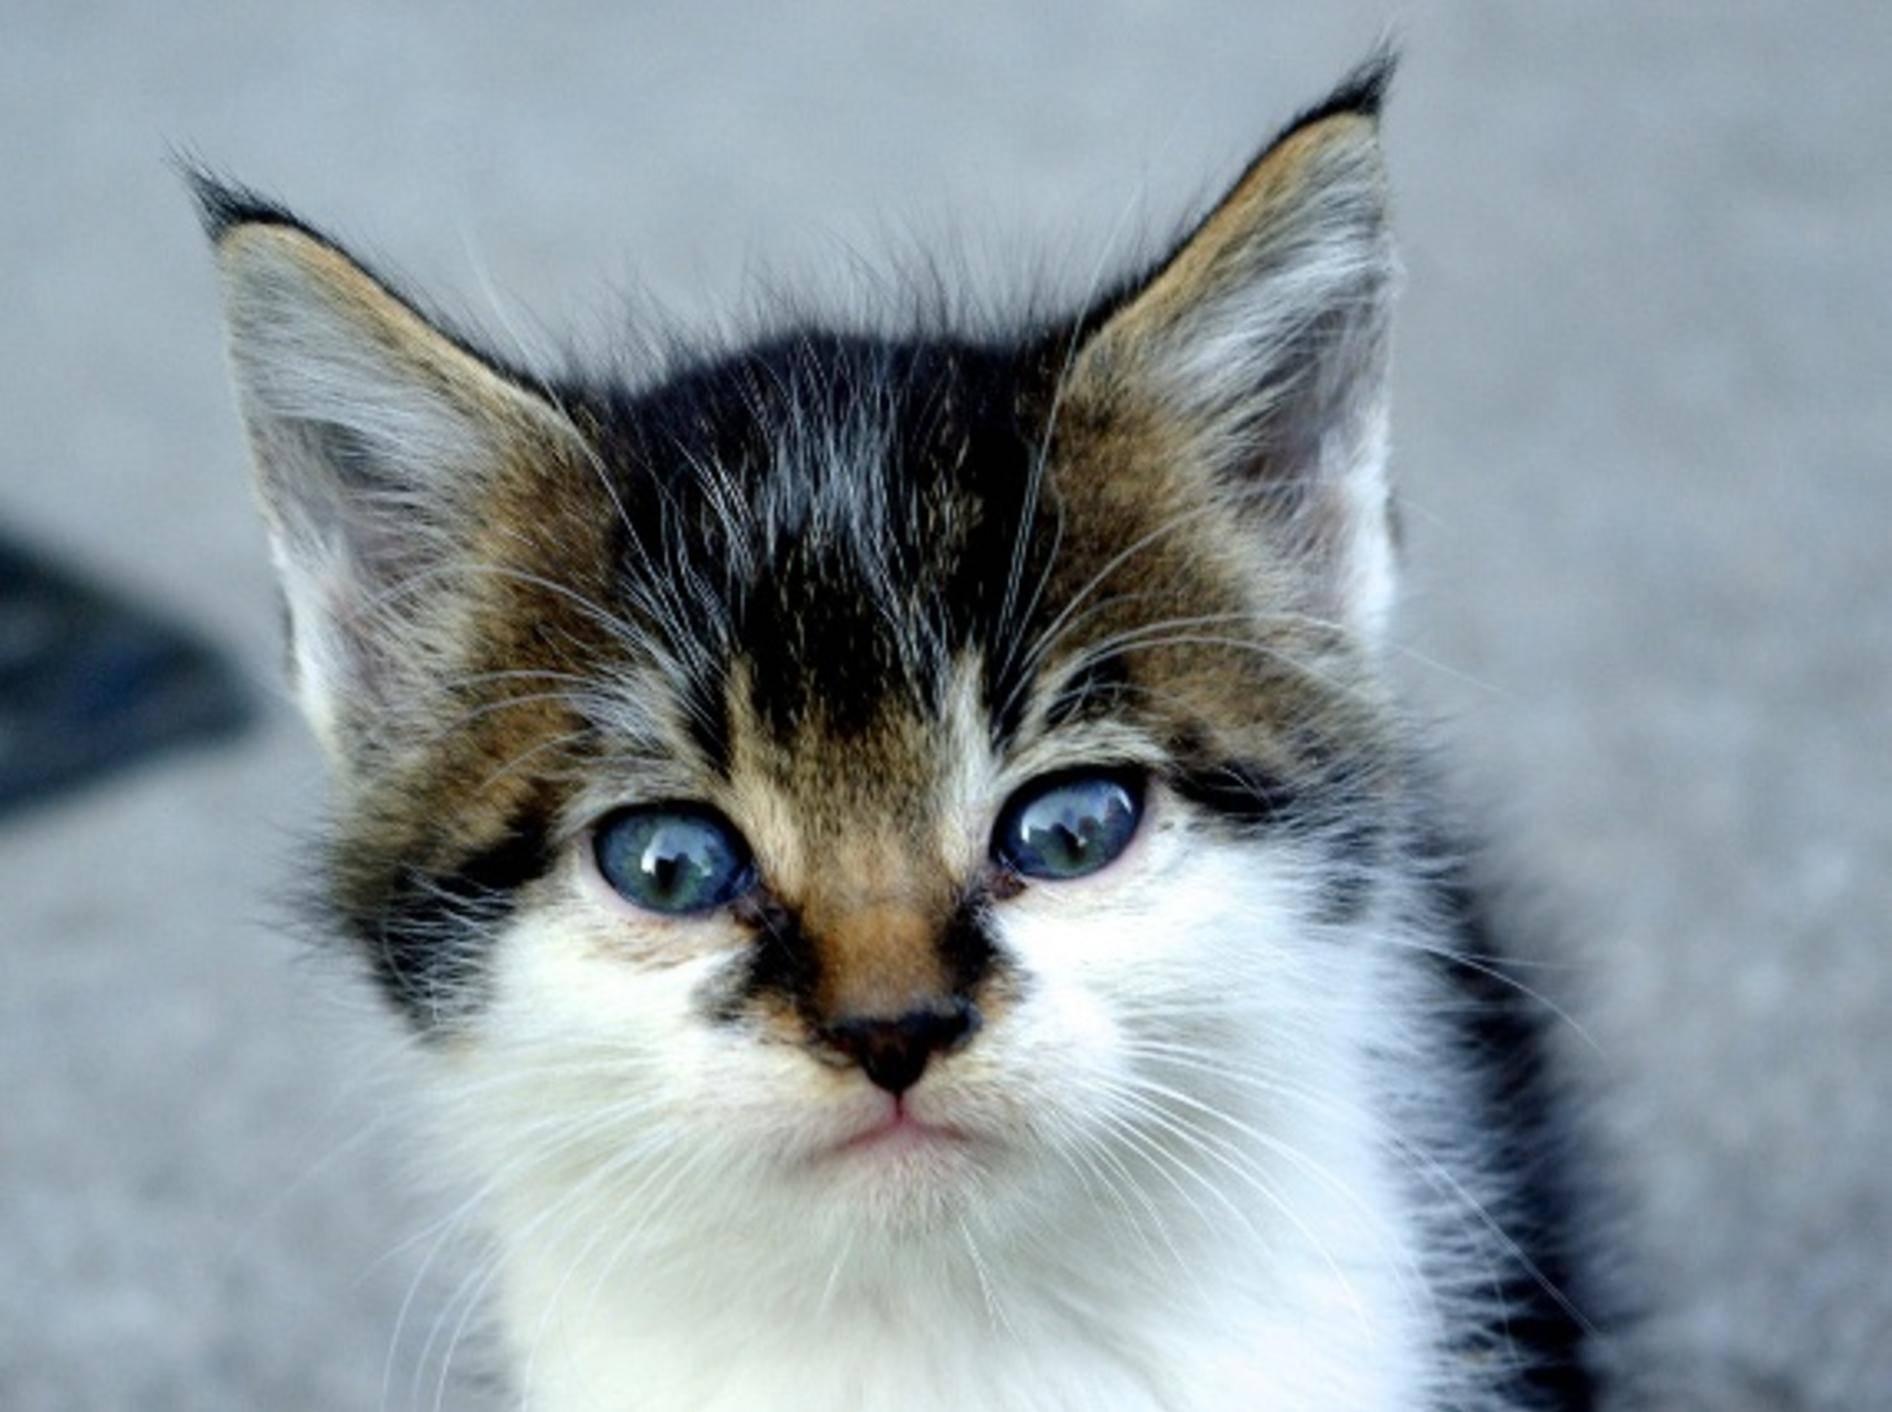 Steigert dieser süße Katzenblick Ihre Konzentration?